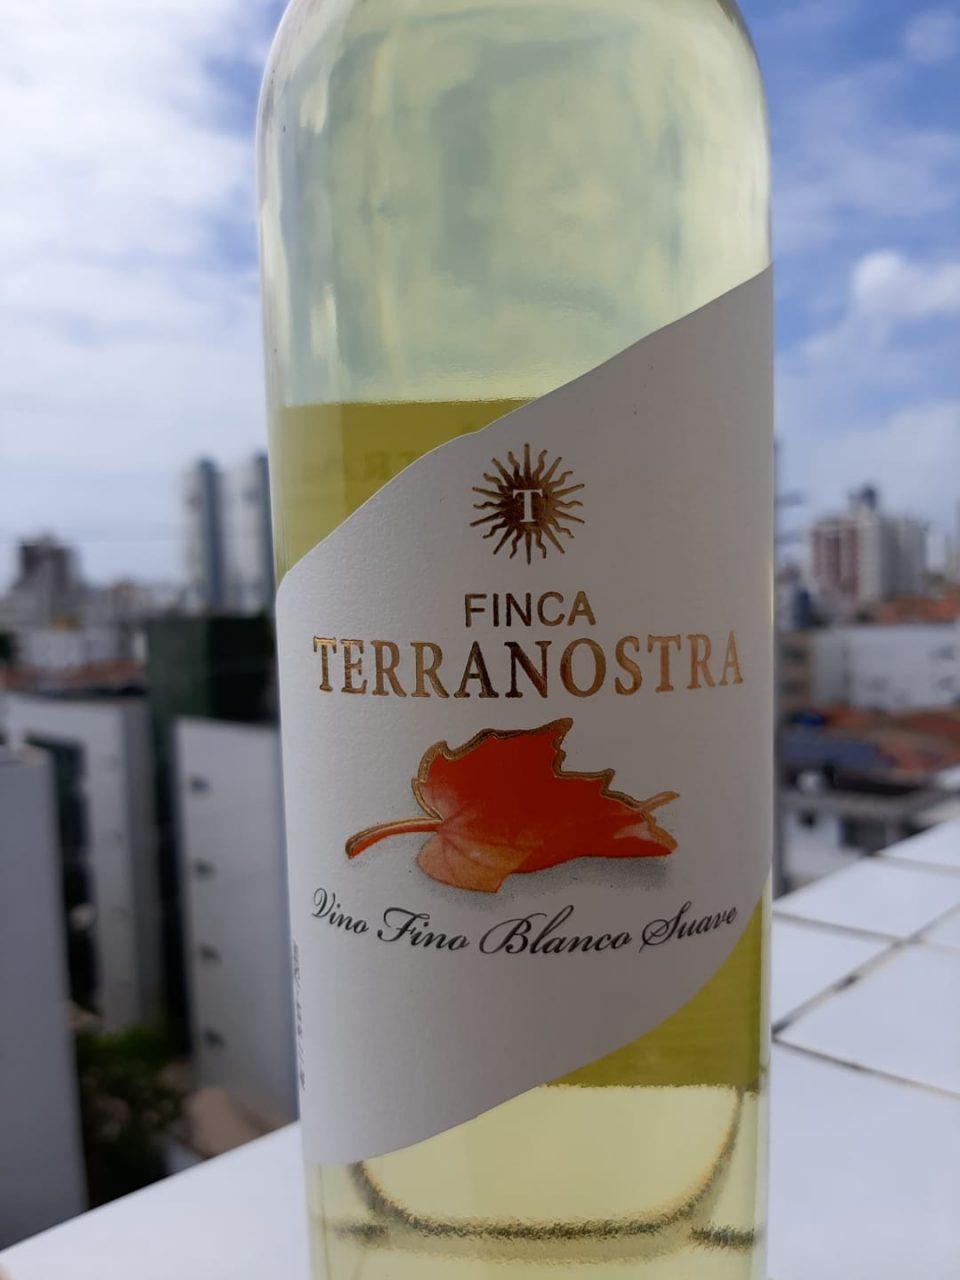 WhatsApp Image 2021 08 26 at 09.46.39 scaled - Sommelier Luiz Jr. realiza Curso Degustação de Vinhos em João Pessoa; saiba como se inscrever